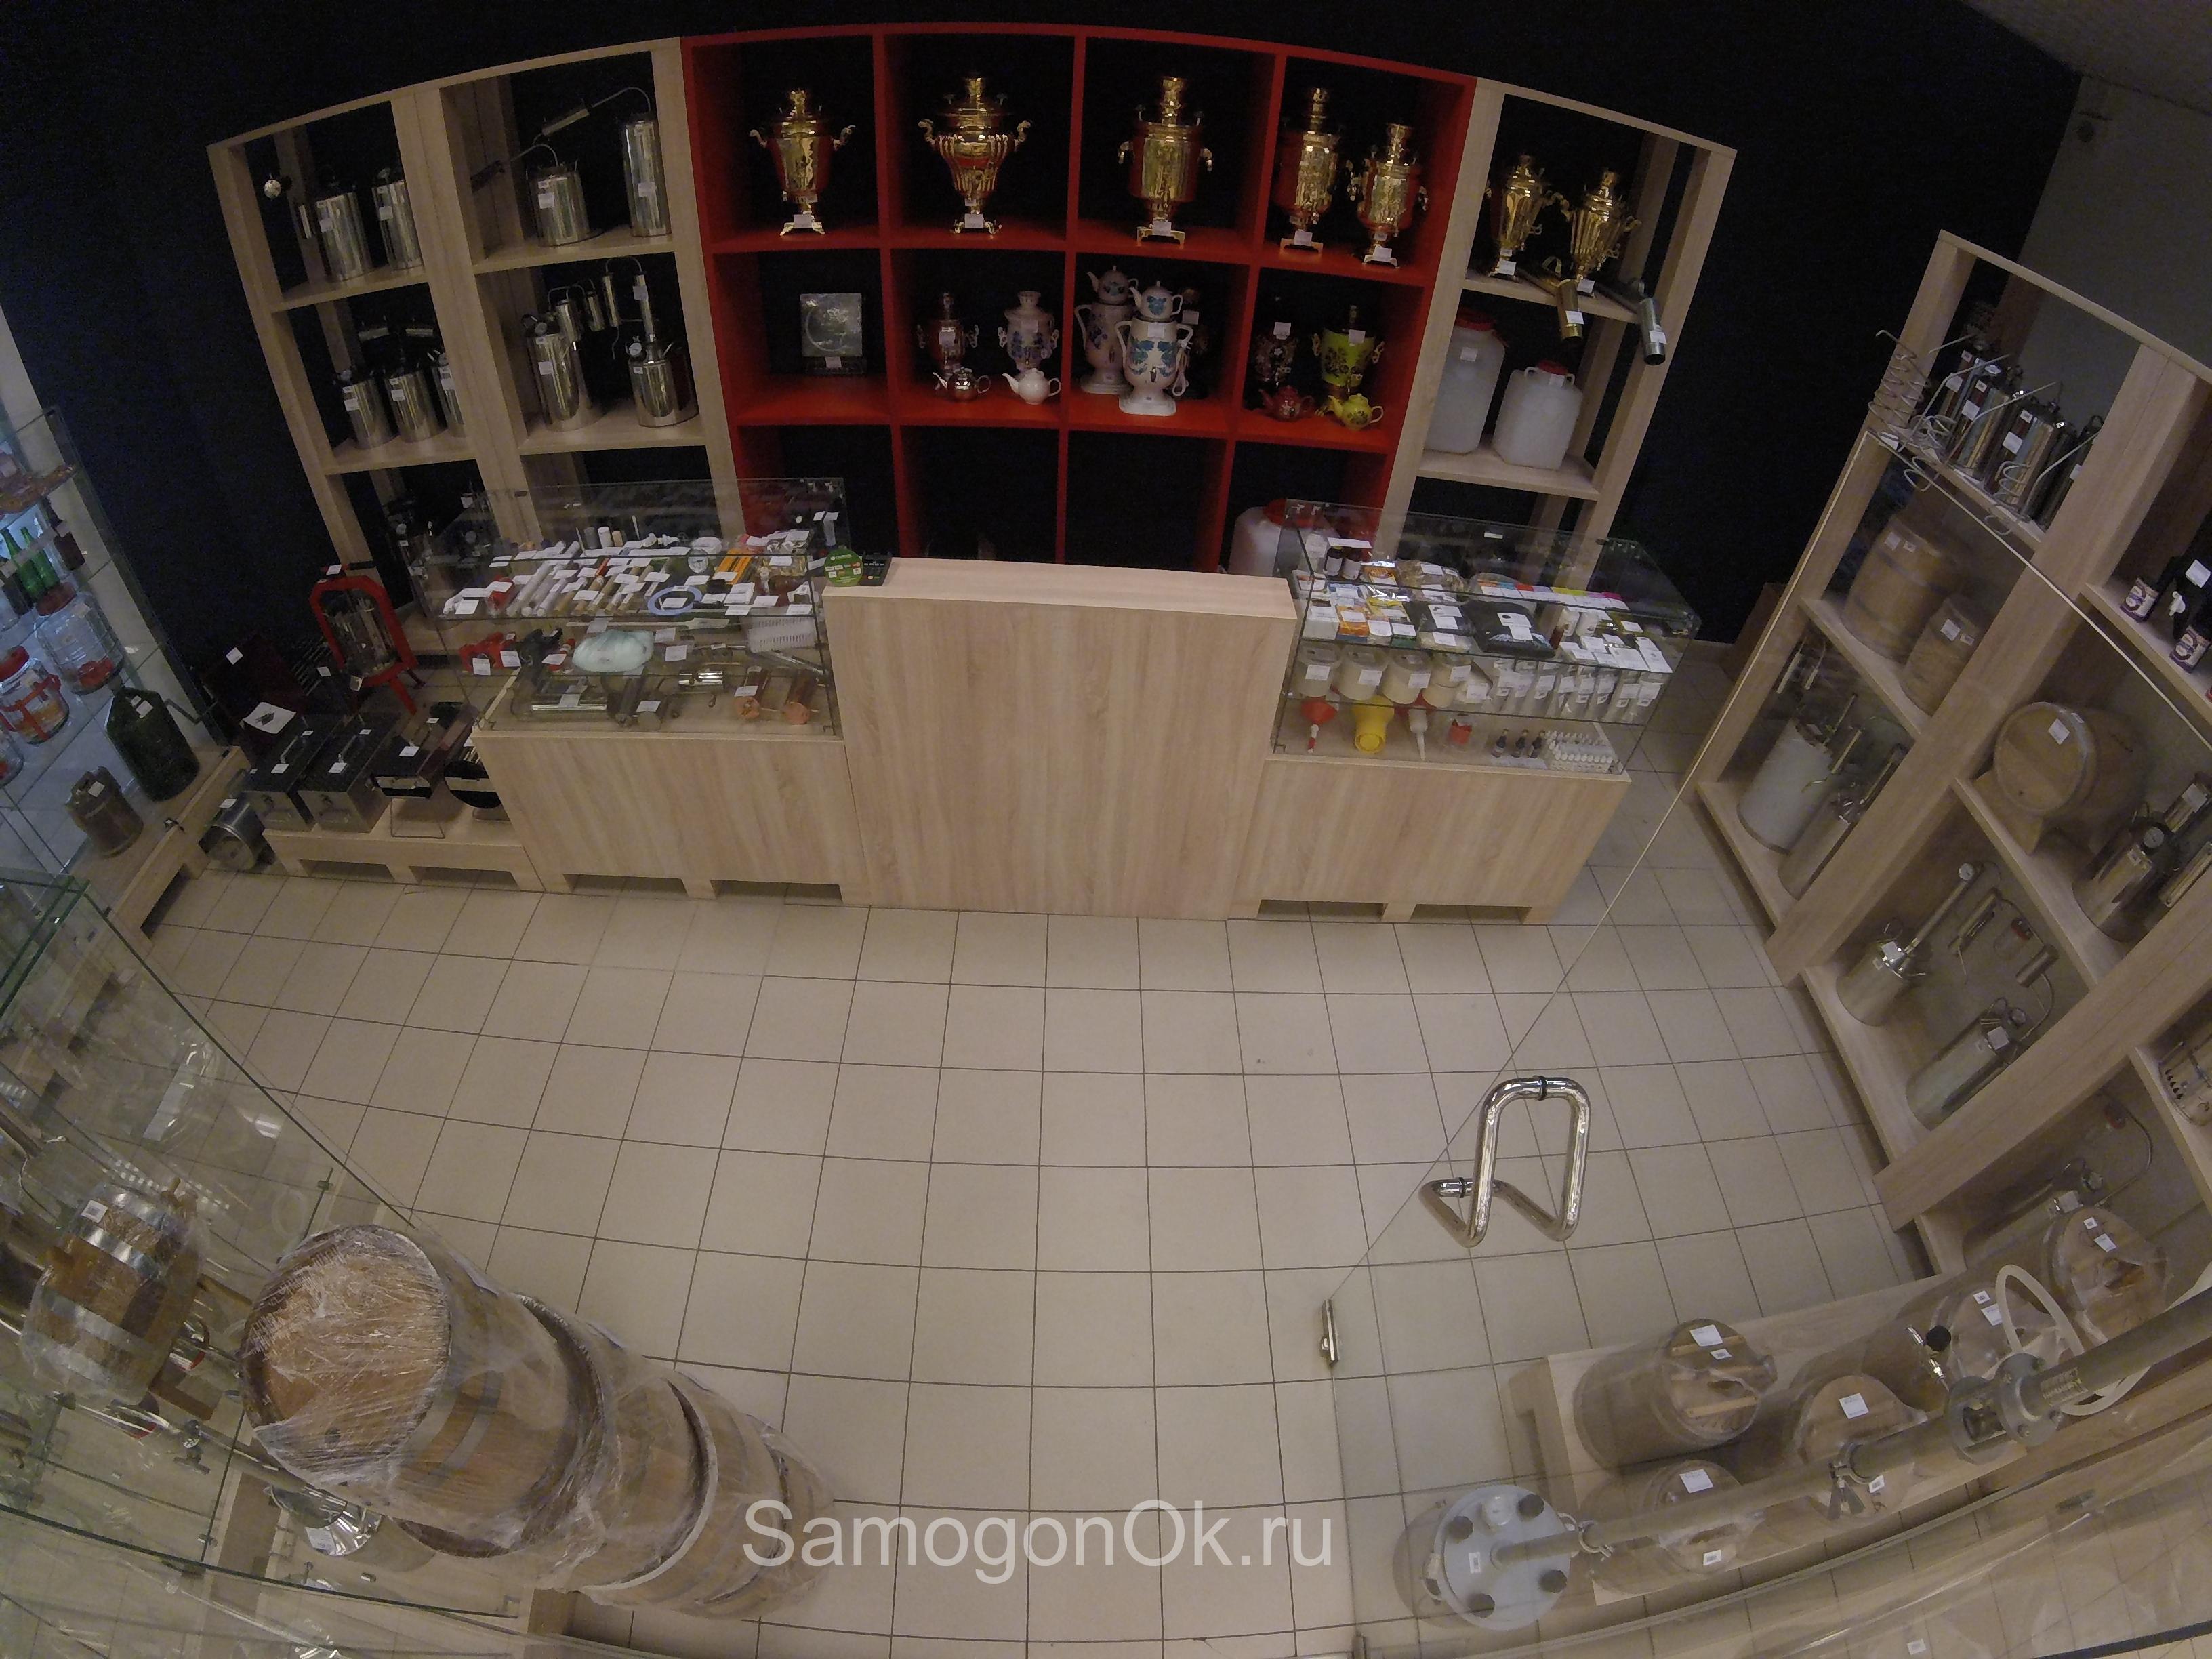 Гипермаркет ОКЕЙ, мкрн Сипайлово. Товары для самогоноварения, виноделия, пивоварения.